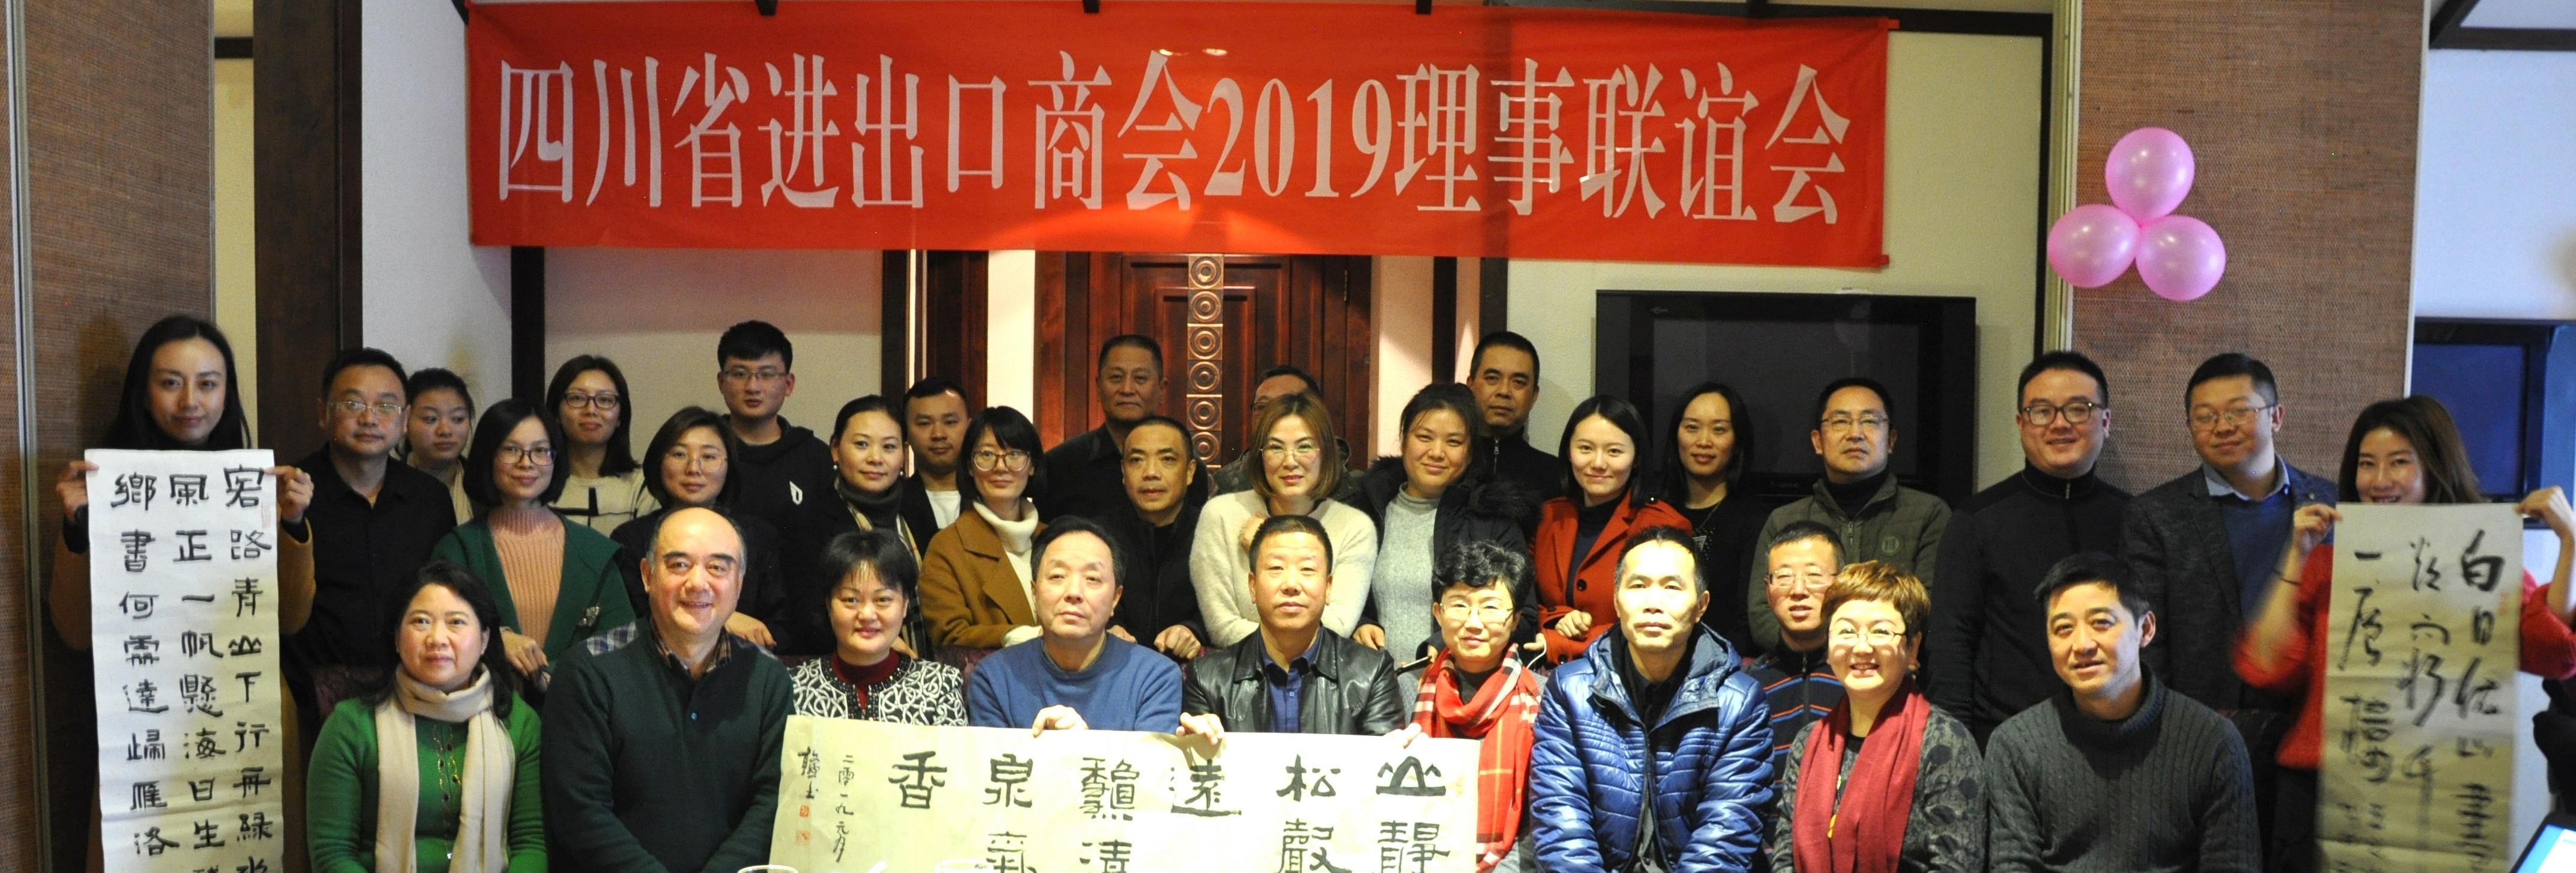 2019年四川省进出口商会理事会议在成都召开